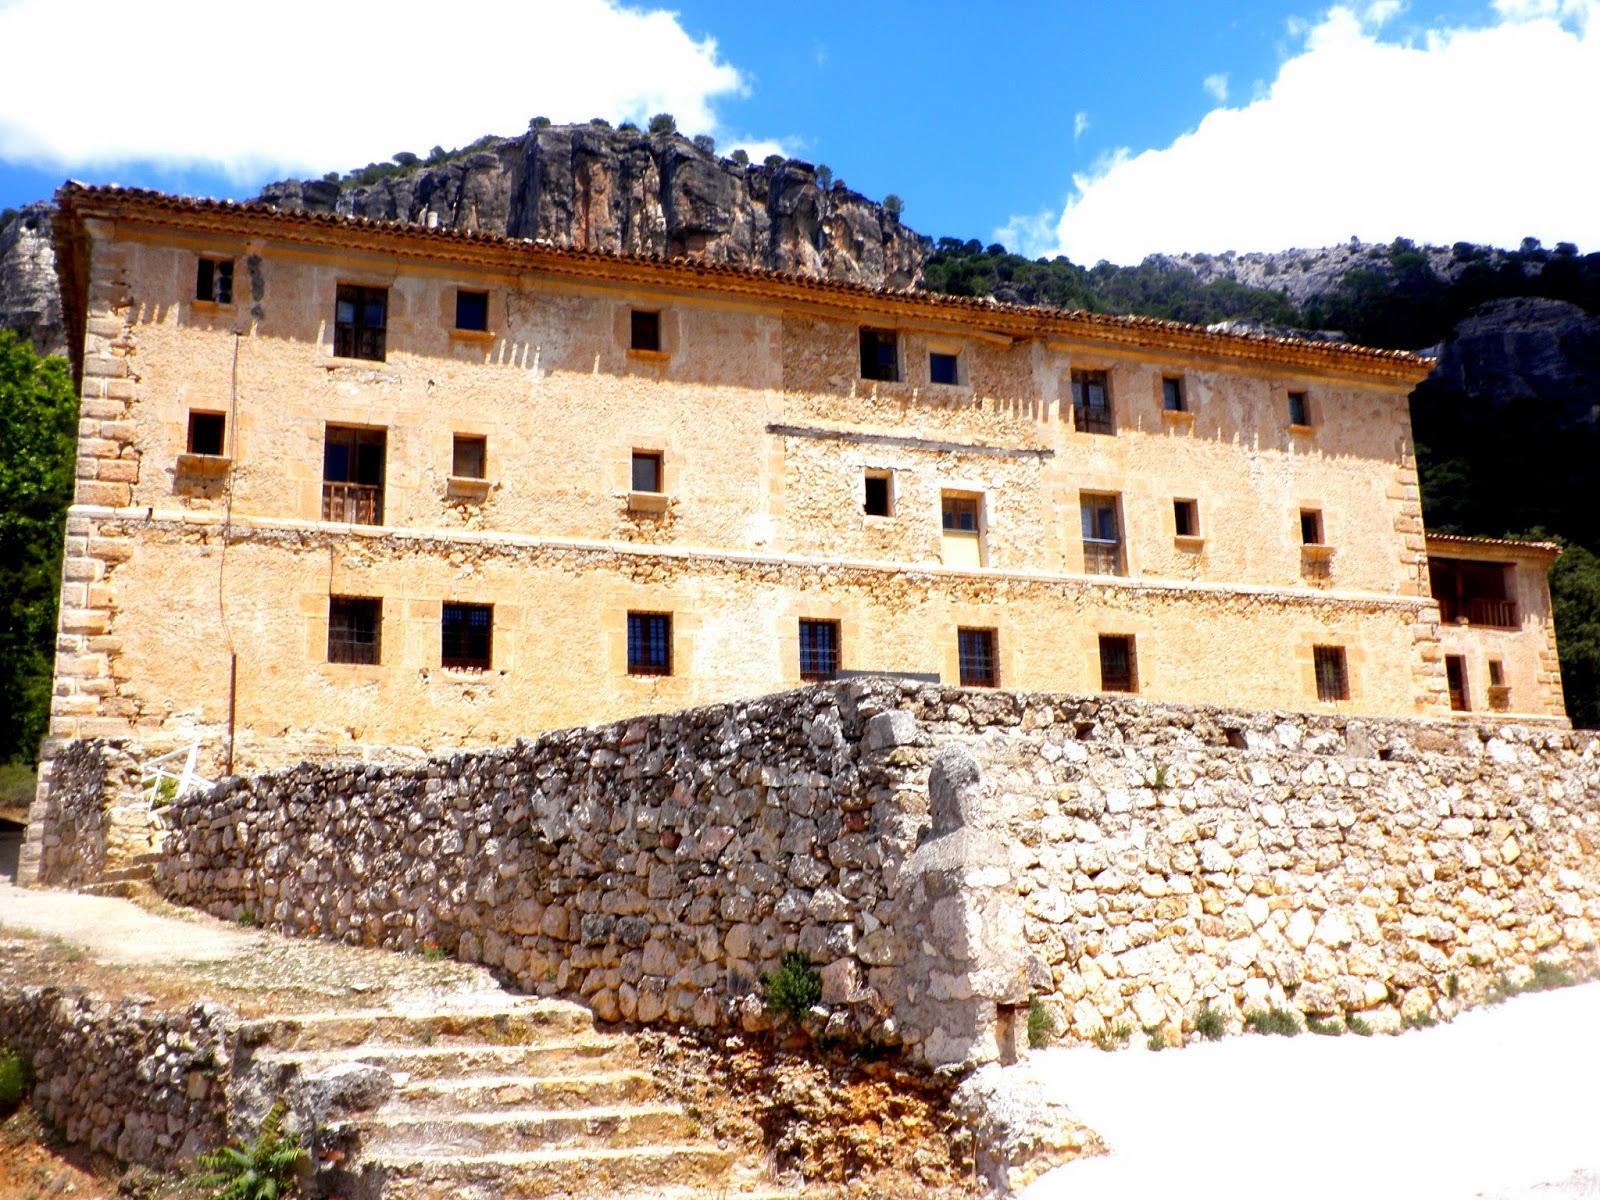 Monasterio de San Miguel de las Victorias. Cuenca